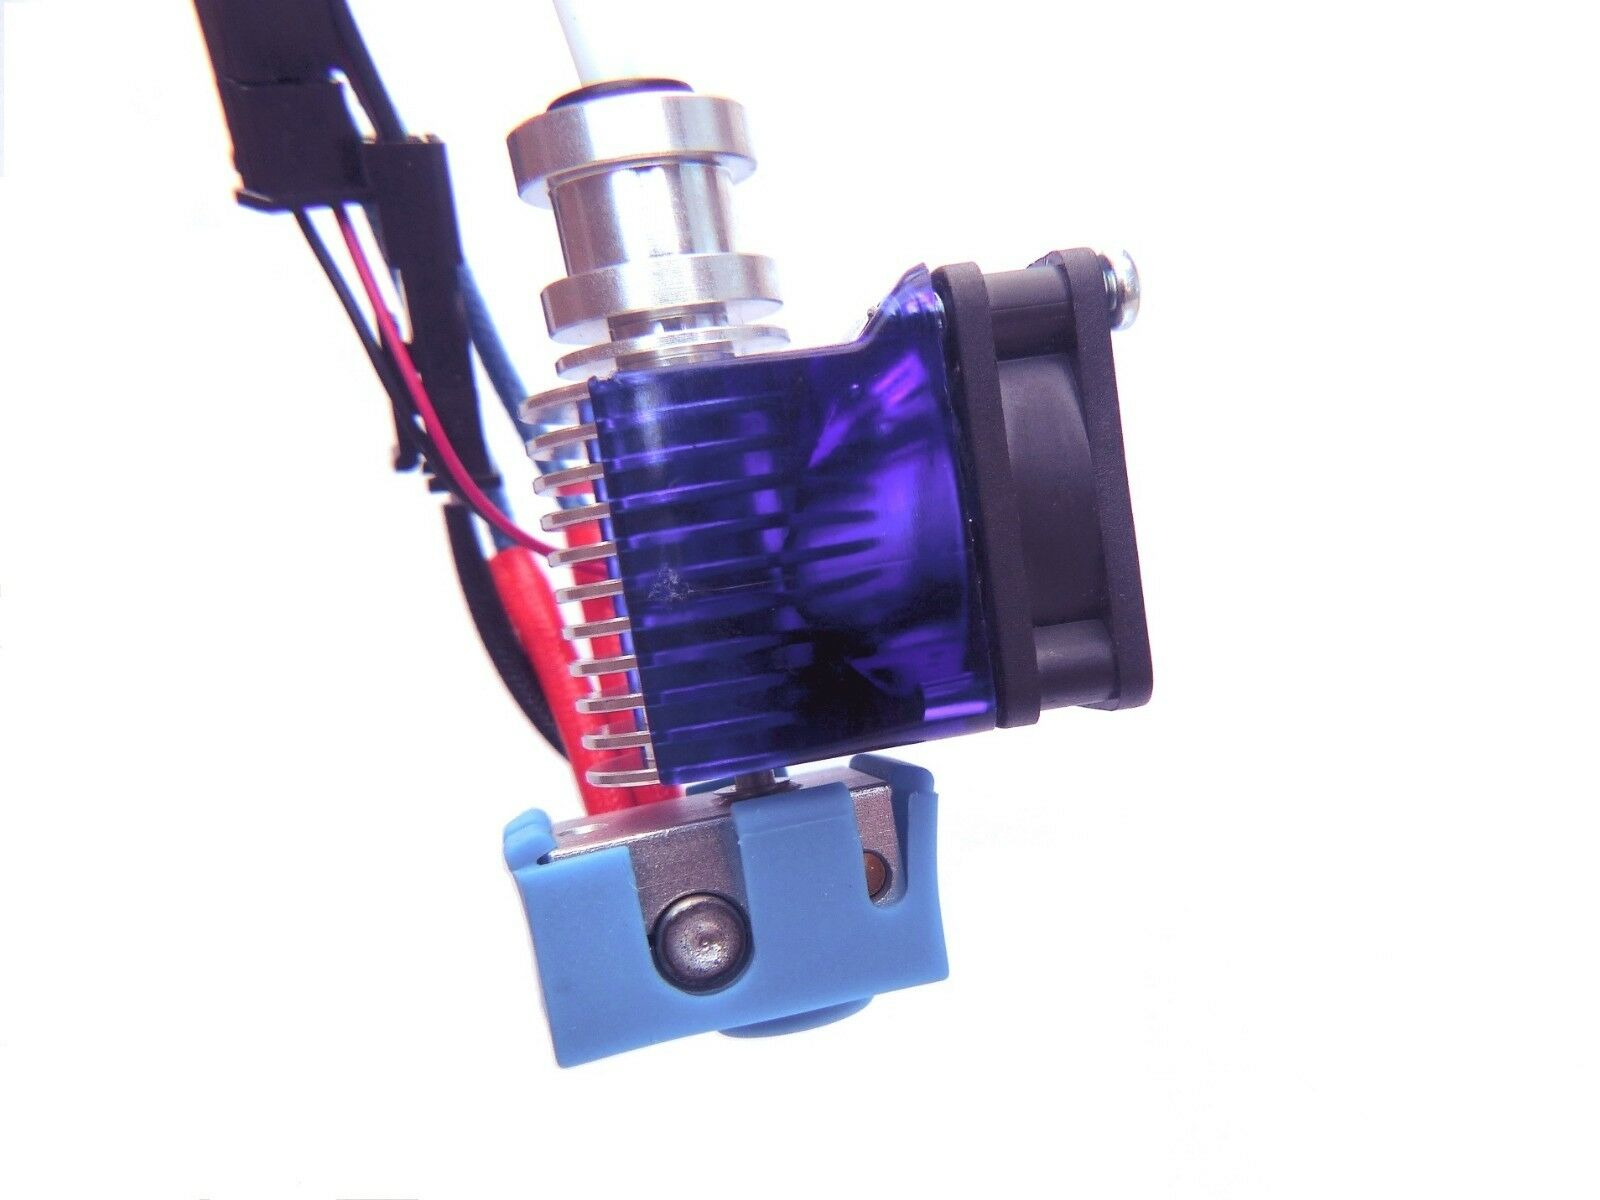 Vardøger 6 (V6) J-type Extruder Hot End Kit - 1.75mm Direct (Universal) 24V